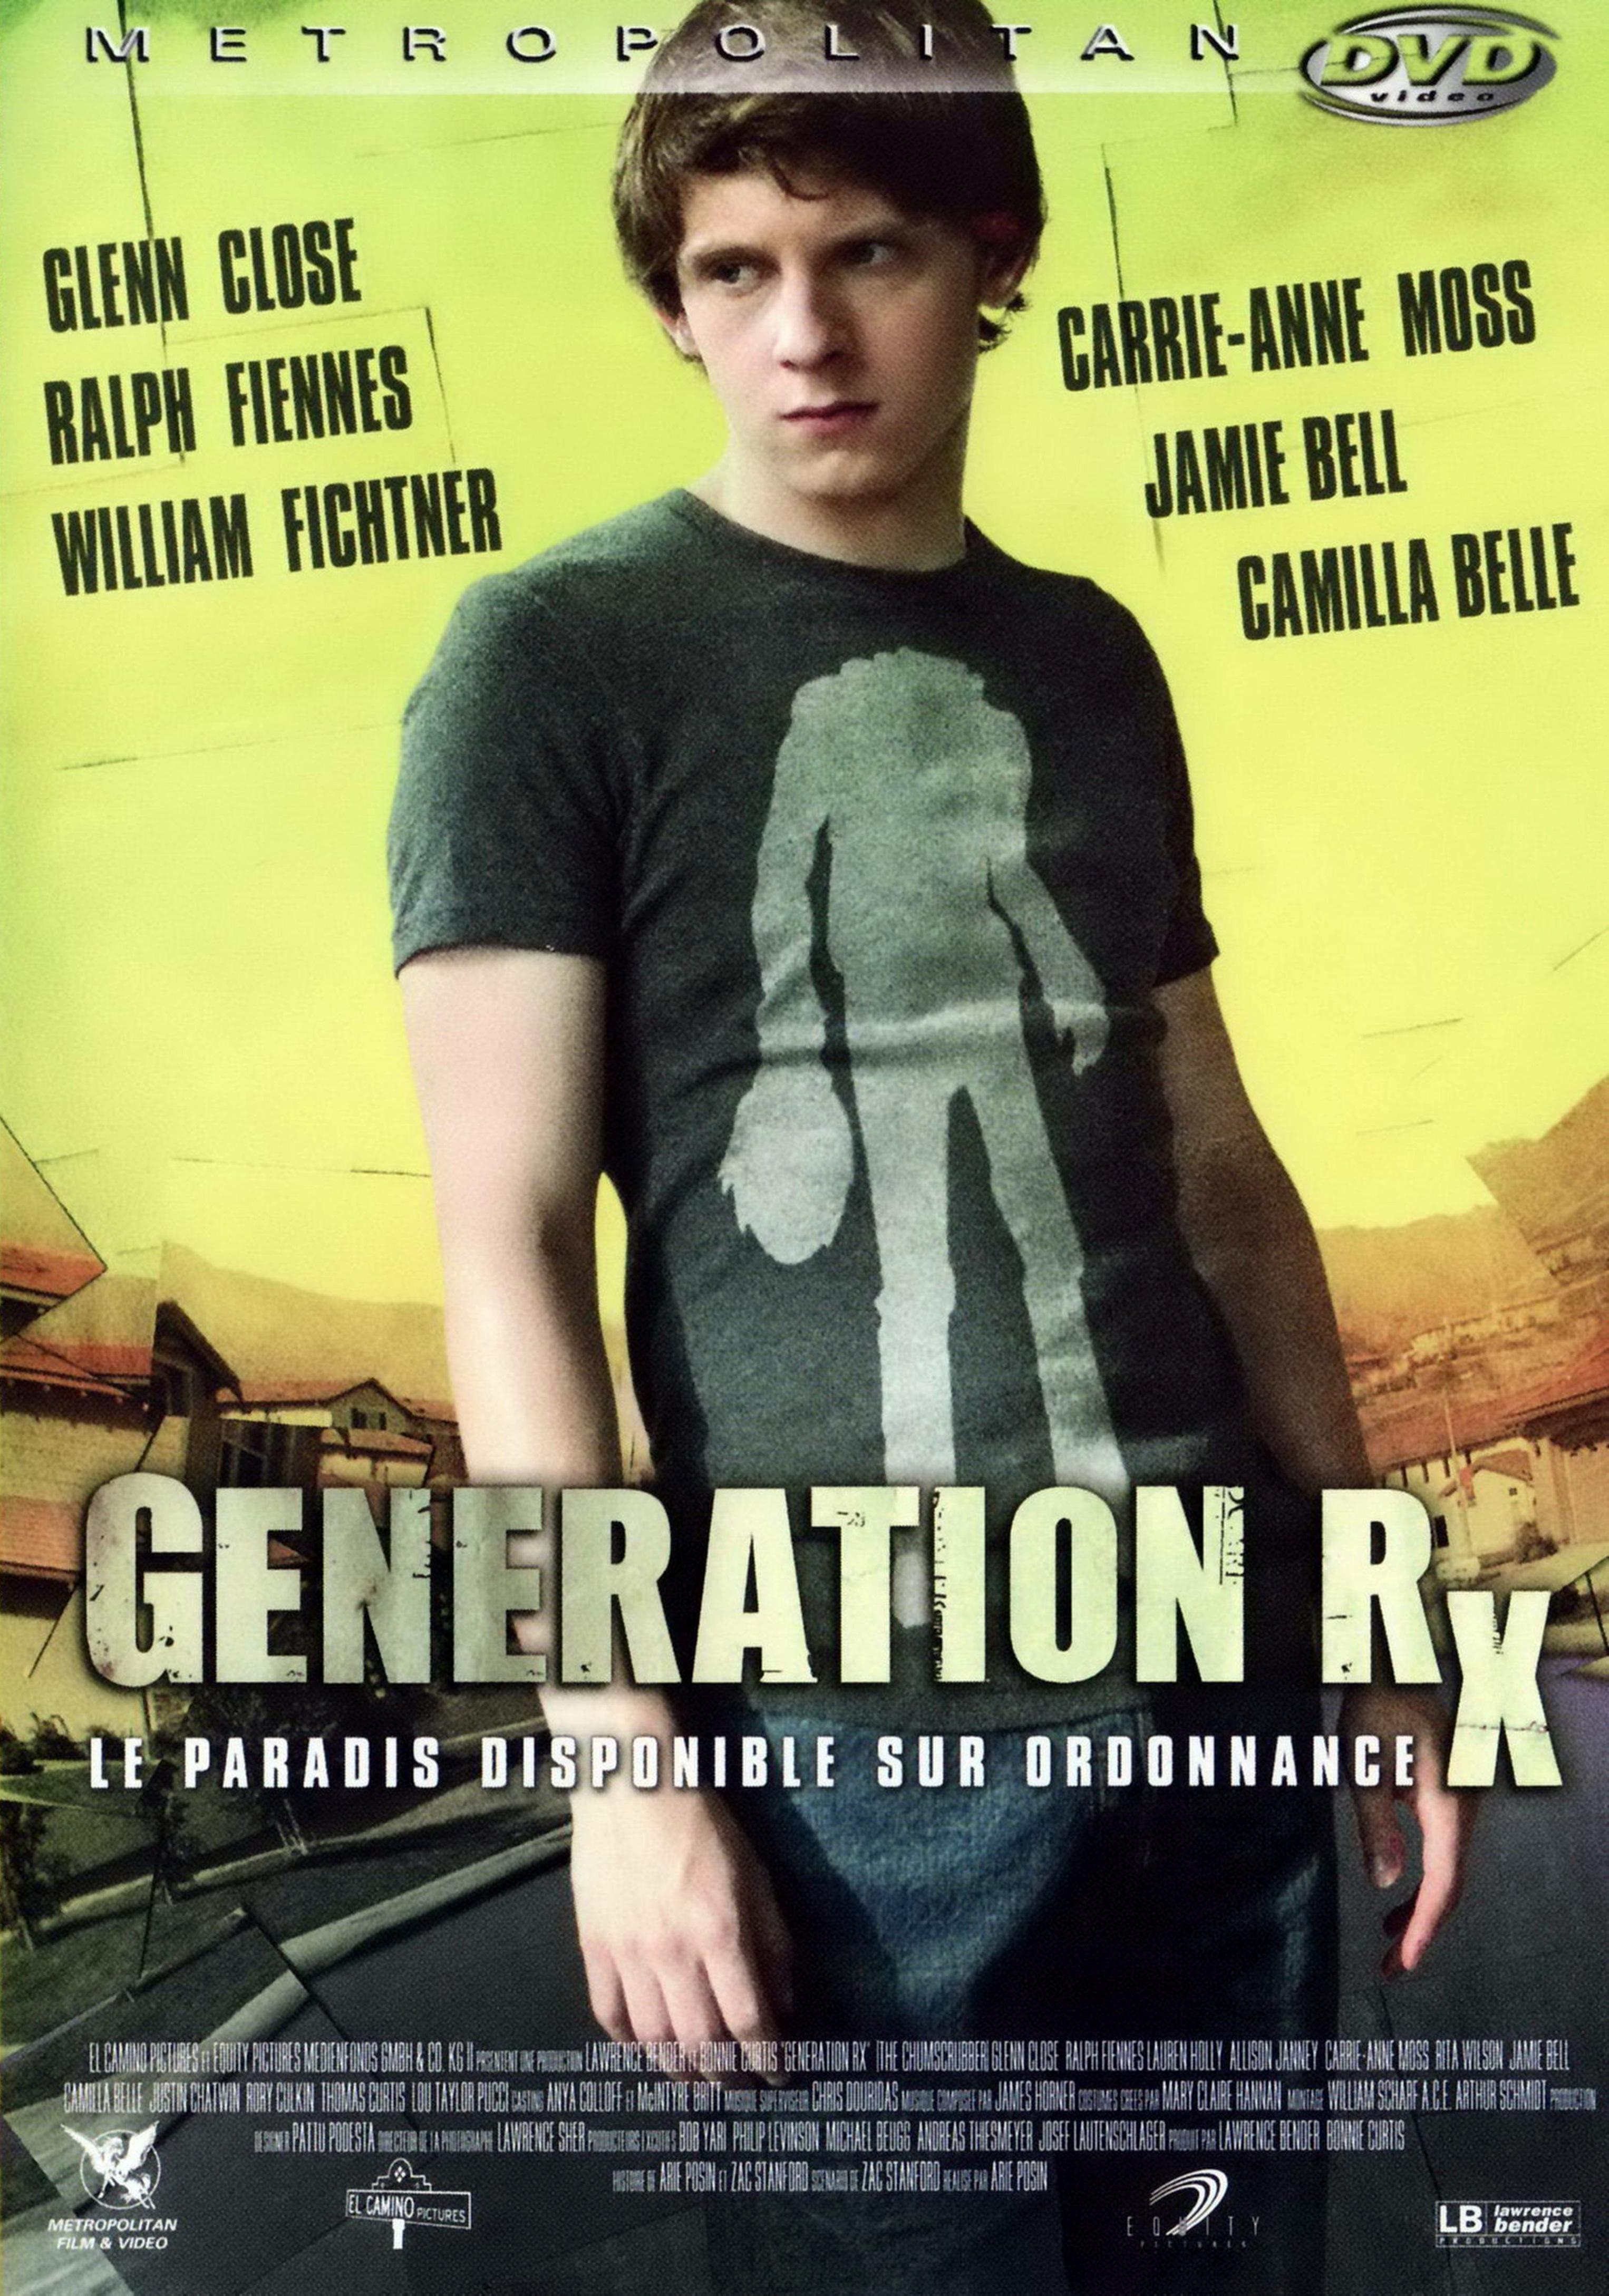 affiche du film Génération Rx